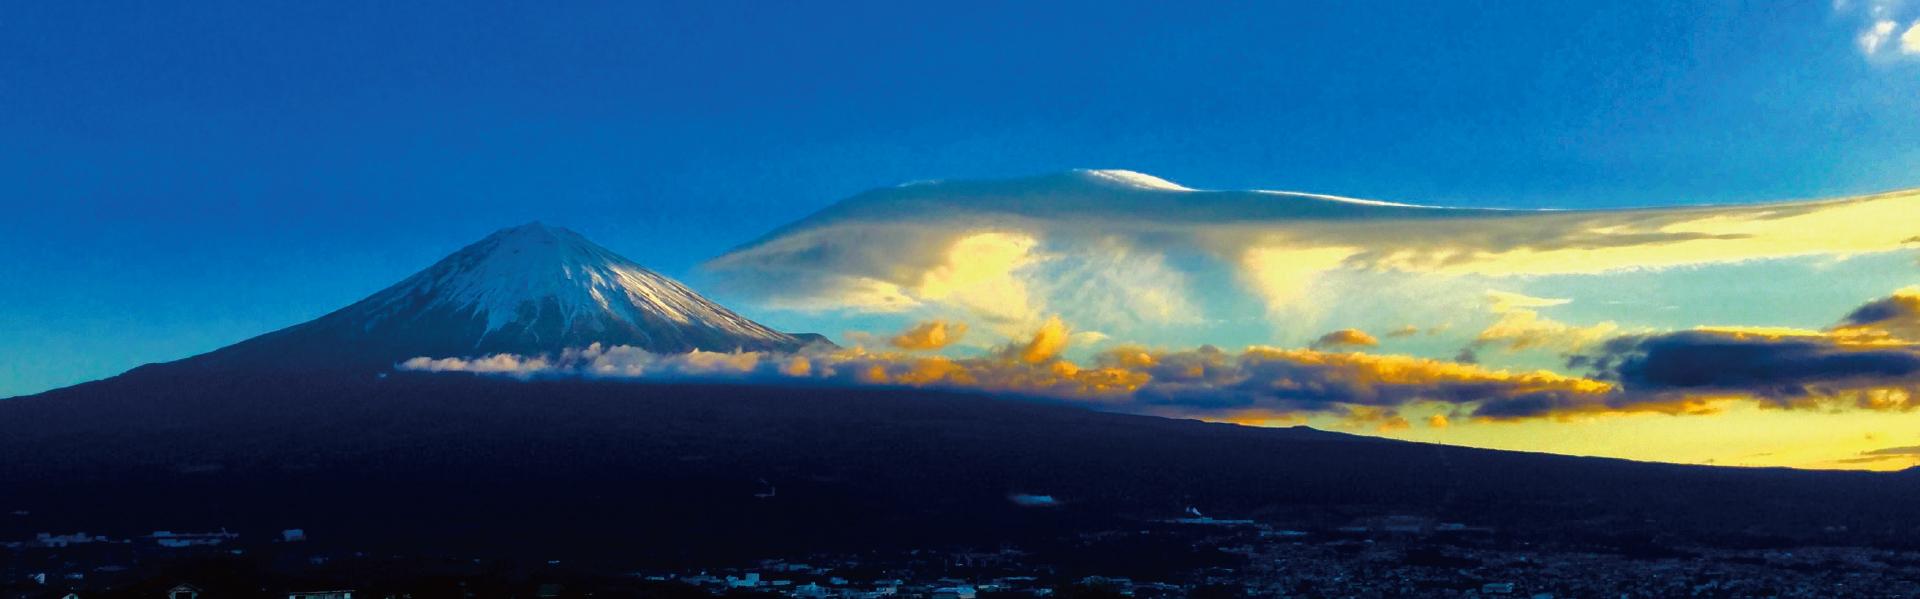 雄大な富士の麓